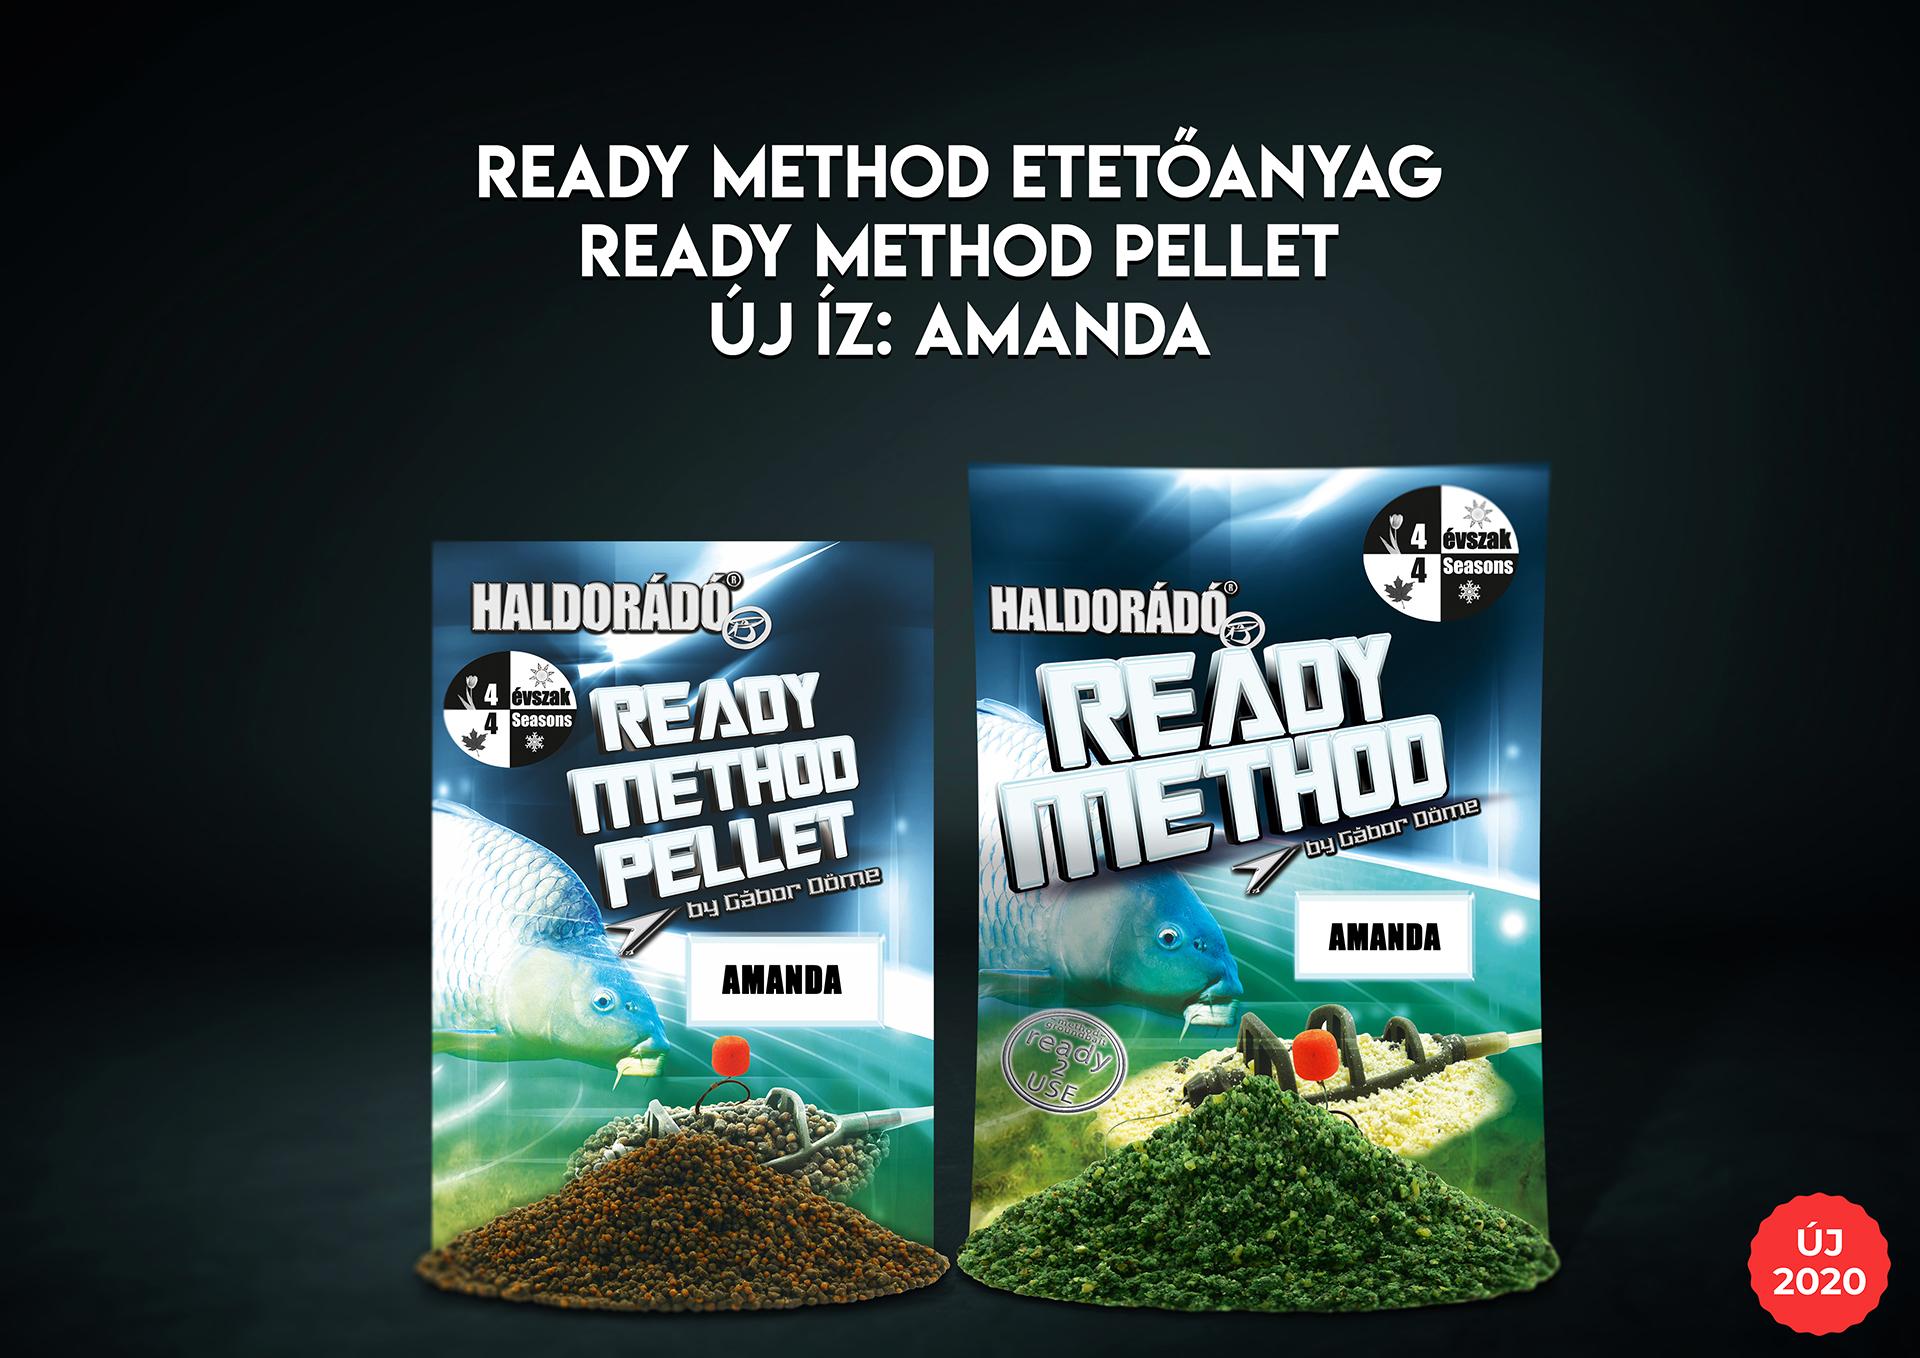 Az egyedi összetételű, komplett, használatra kész Ready Method etetőanyagok, illetve Ready Method Pelletek sora egy-egy igazán különleges újdonsággal bővül!